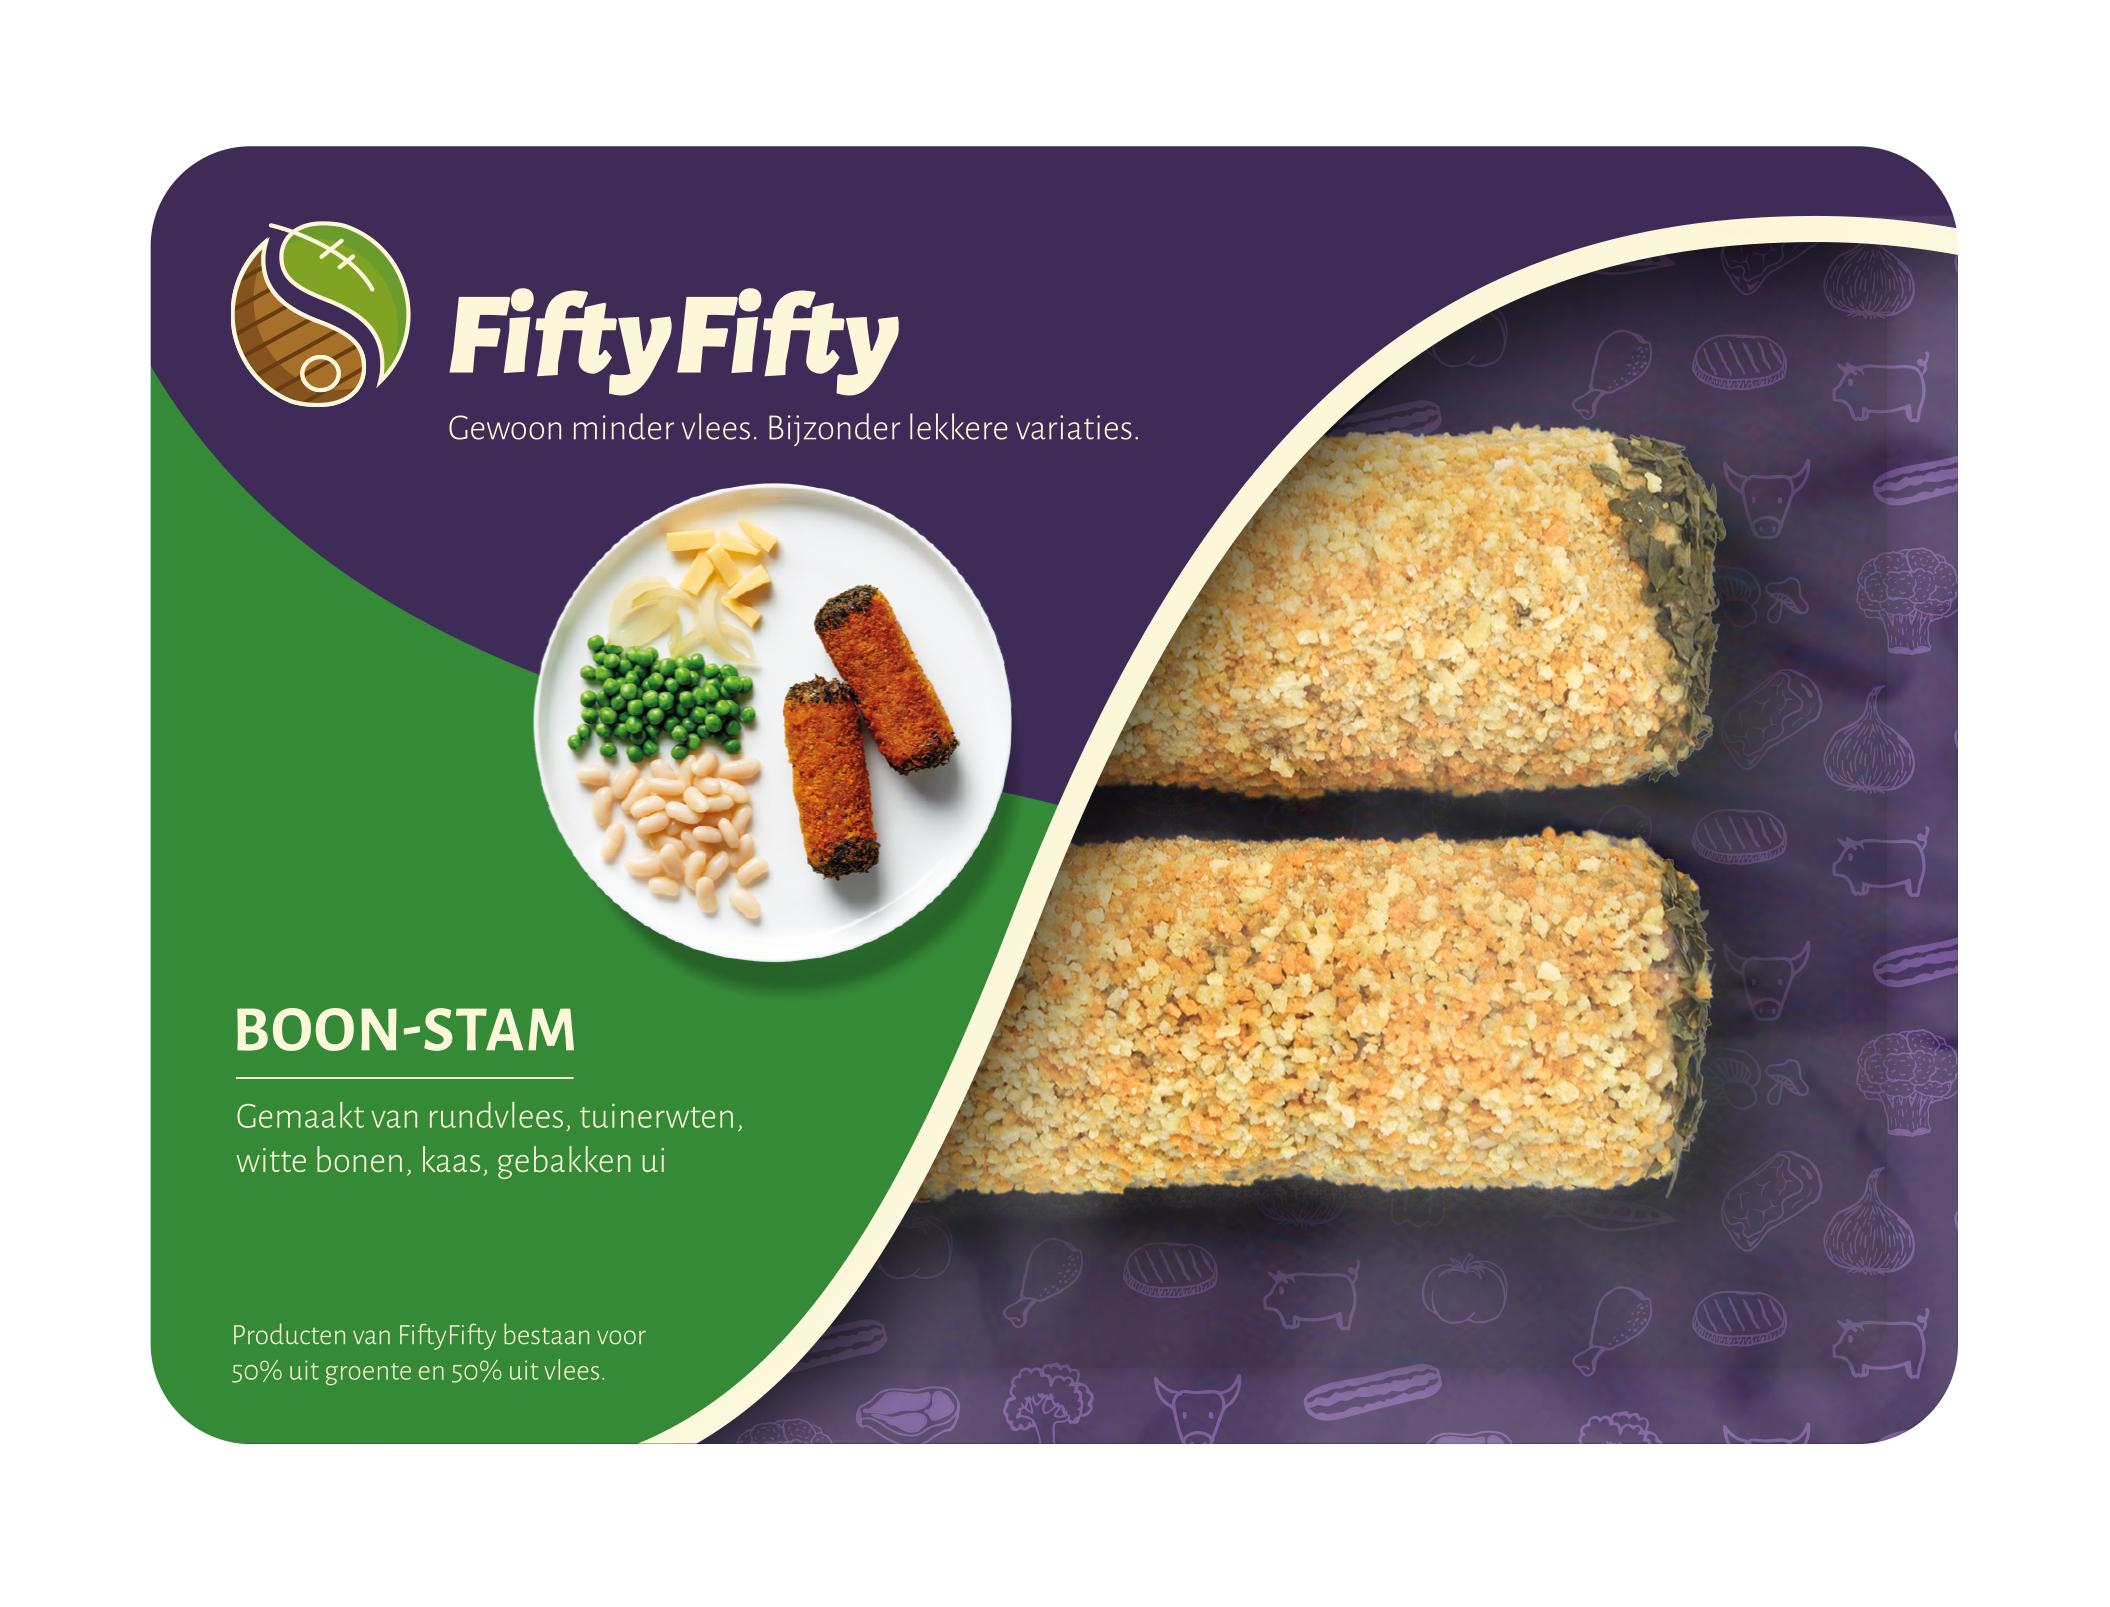 Jan Zandbergen Group - FiftyFifty plantaardige boon-stam - vleesvervanger